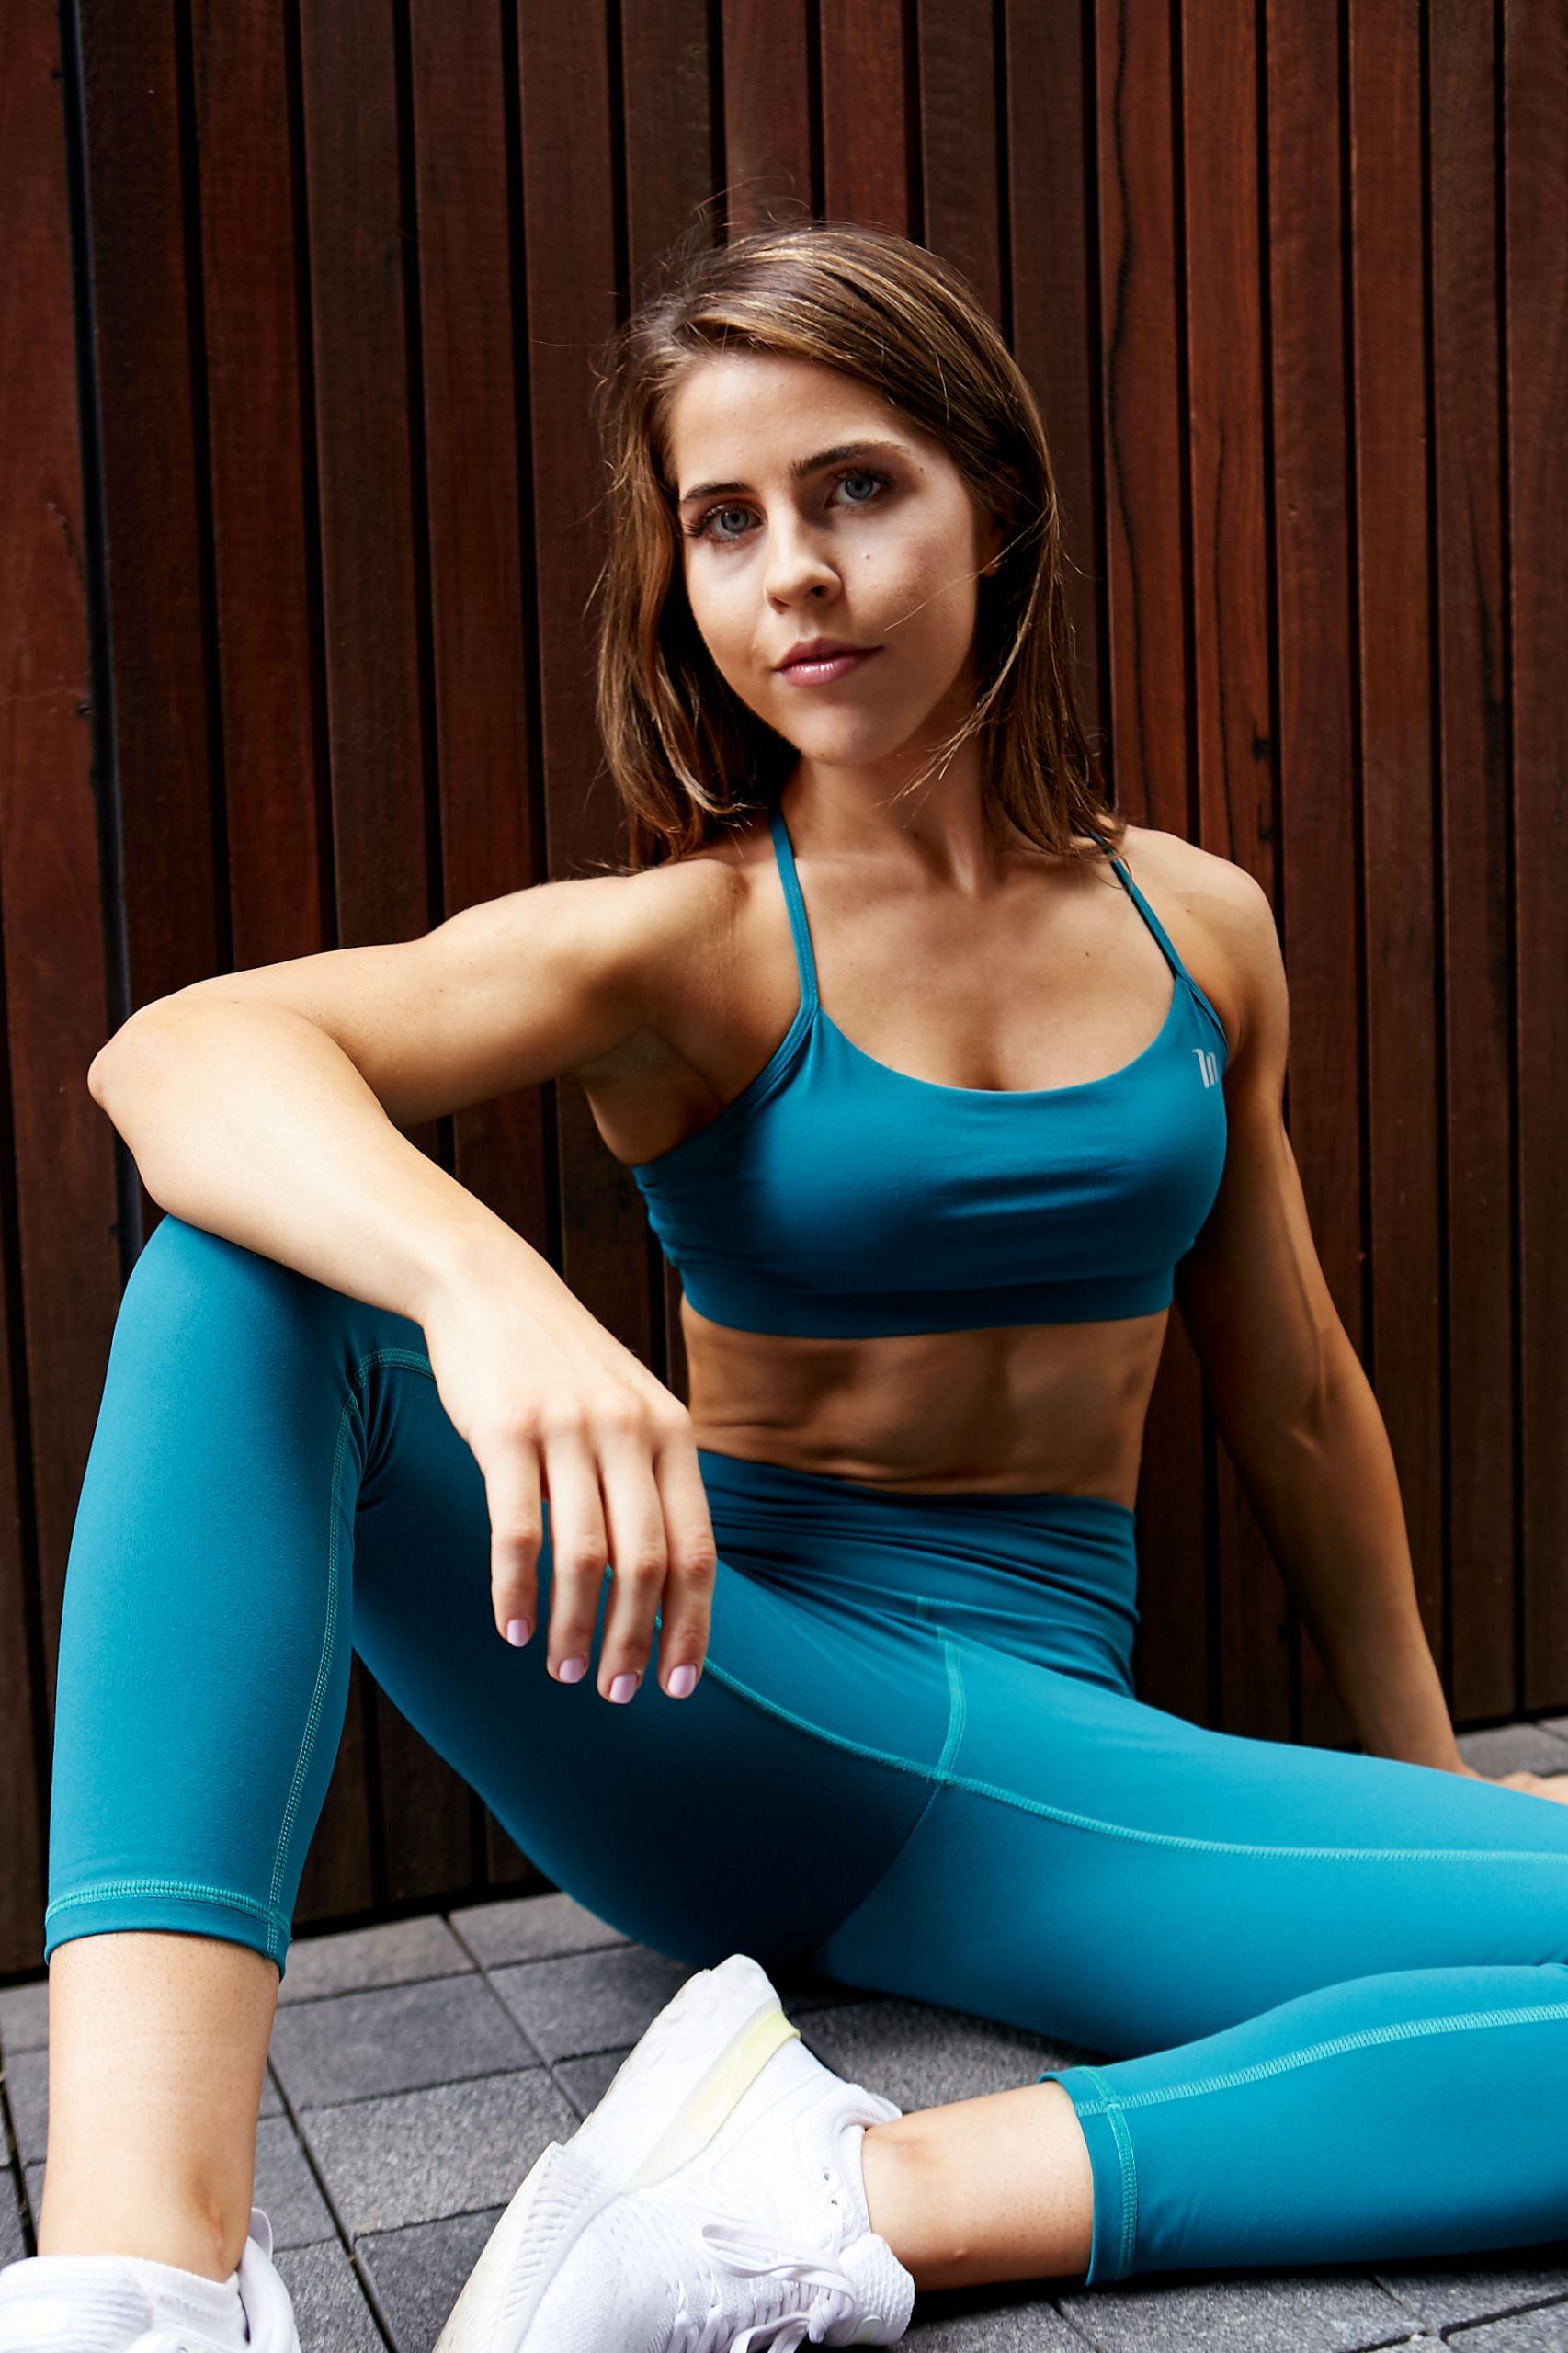 Natasha Sydney female fitness model and athlete 8 scaled